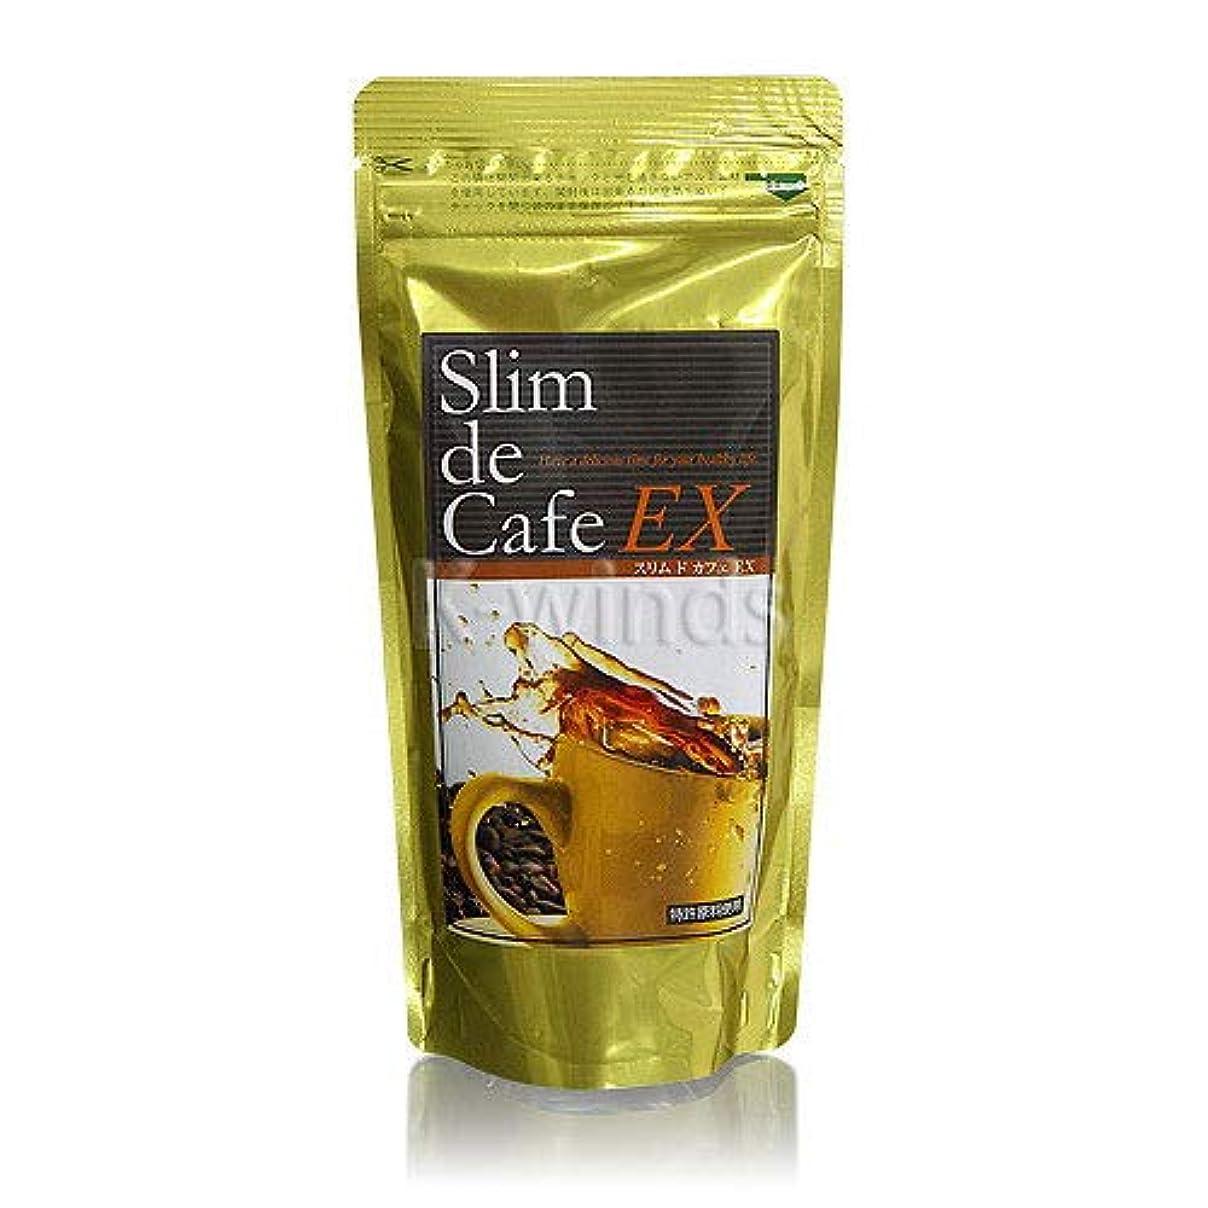 不潔スリーブ遮るスリムドカフェ EX (コーヒー粉末)100g 3袋セット